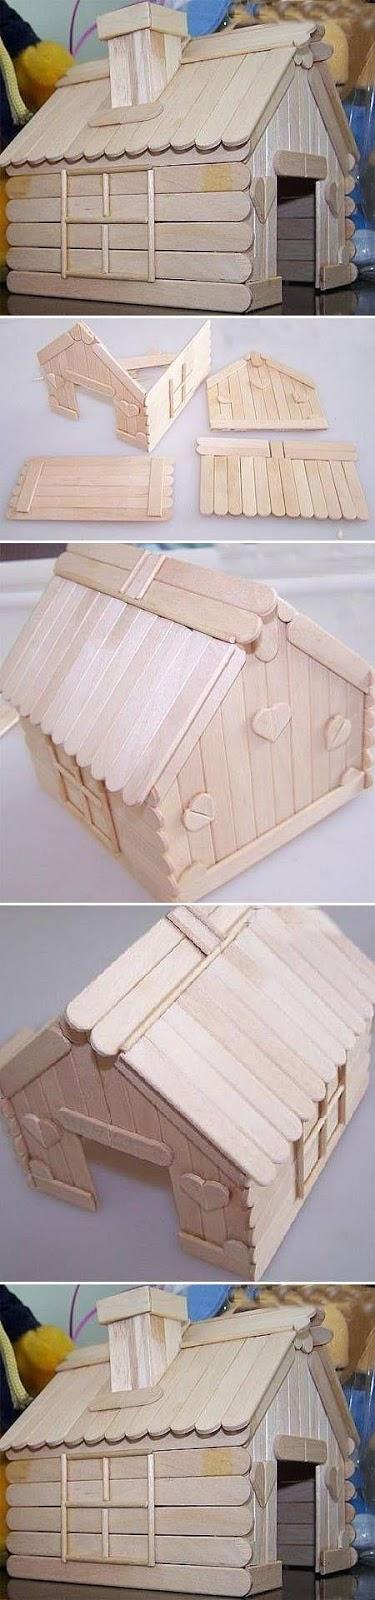 Casita hecha con palos de madera